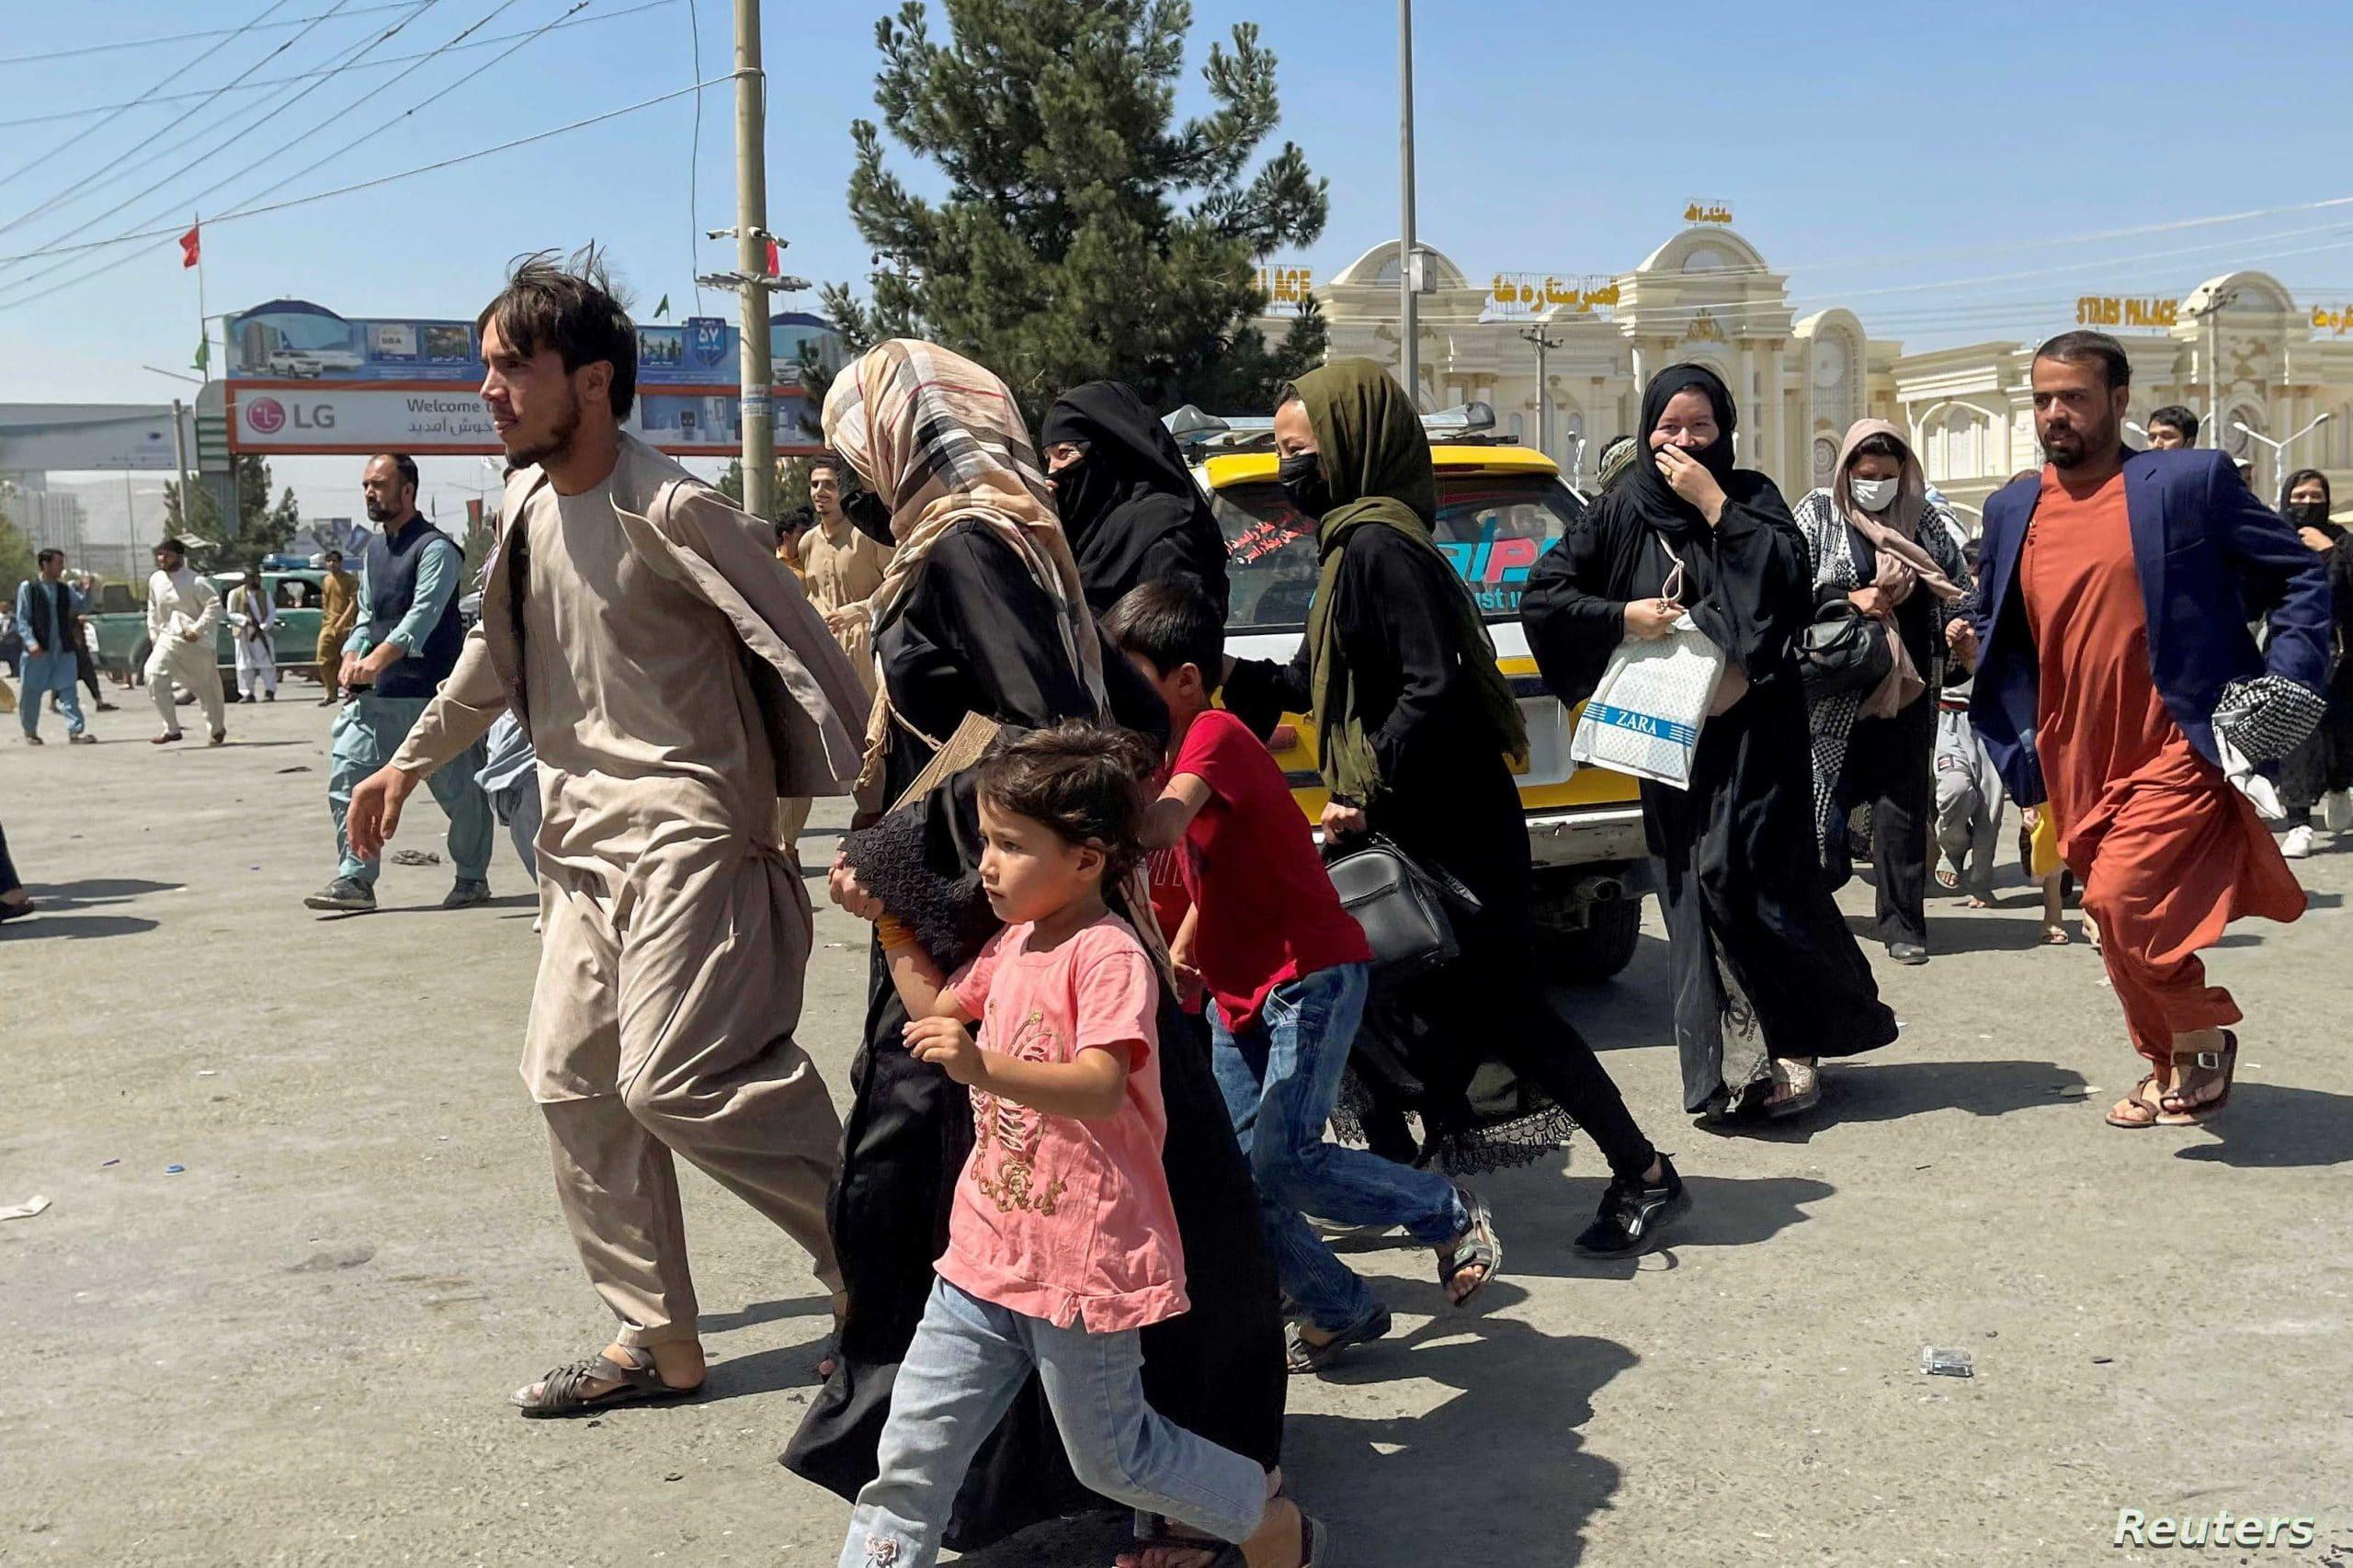 هل هرب جنود الإمارات البواسل بزي نساء أفغانيات من كابل.. شاهد الصورة التي أثارت ضجة واسعة